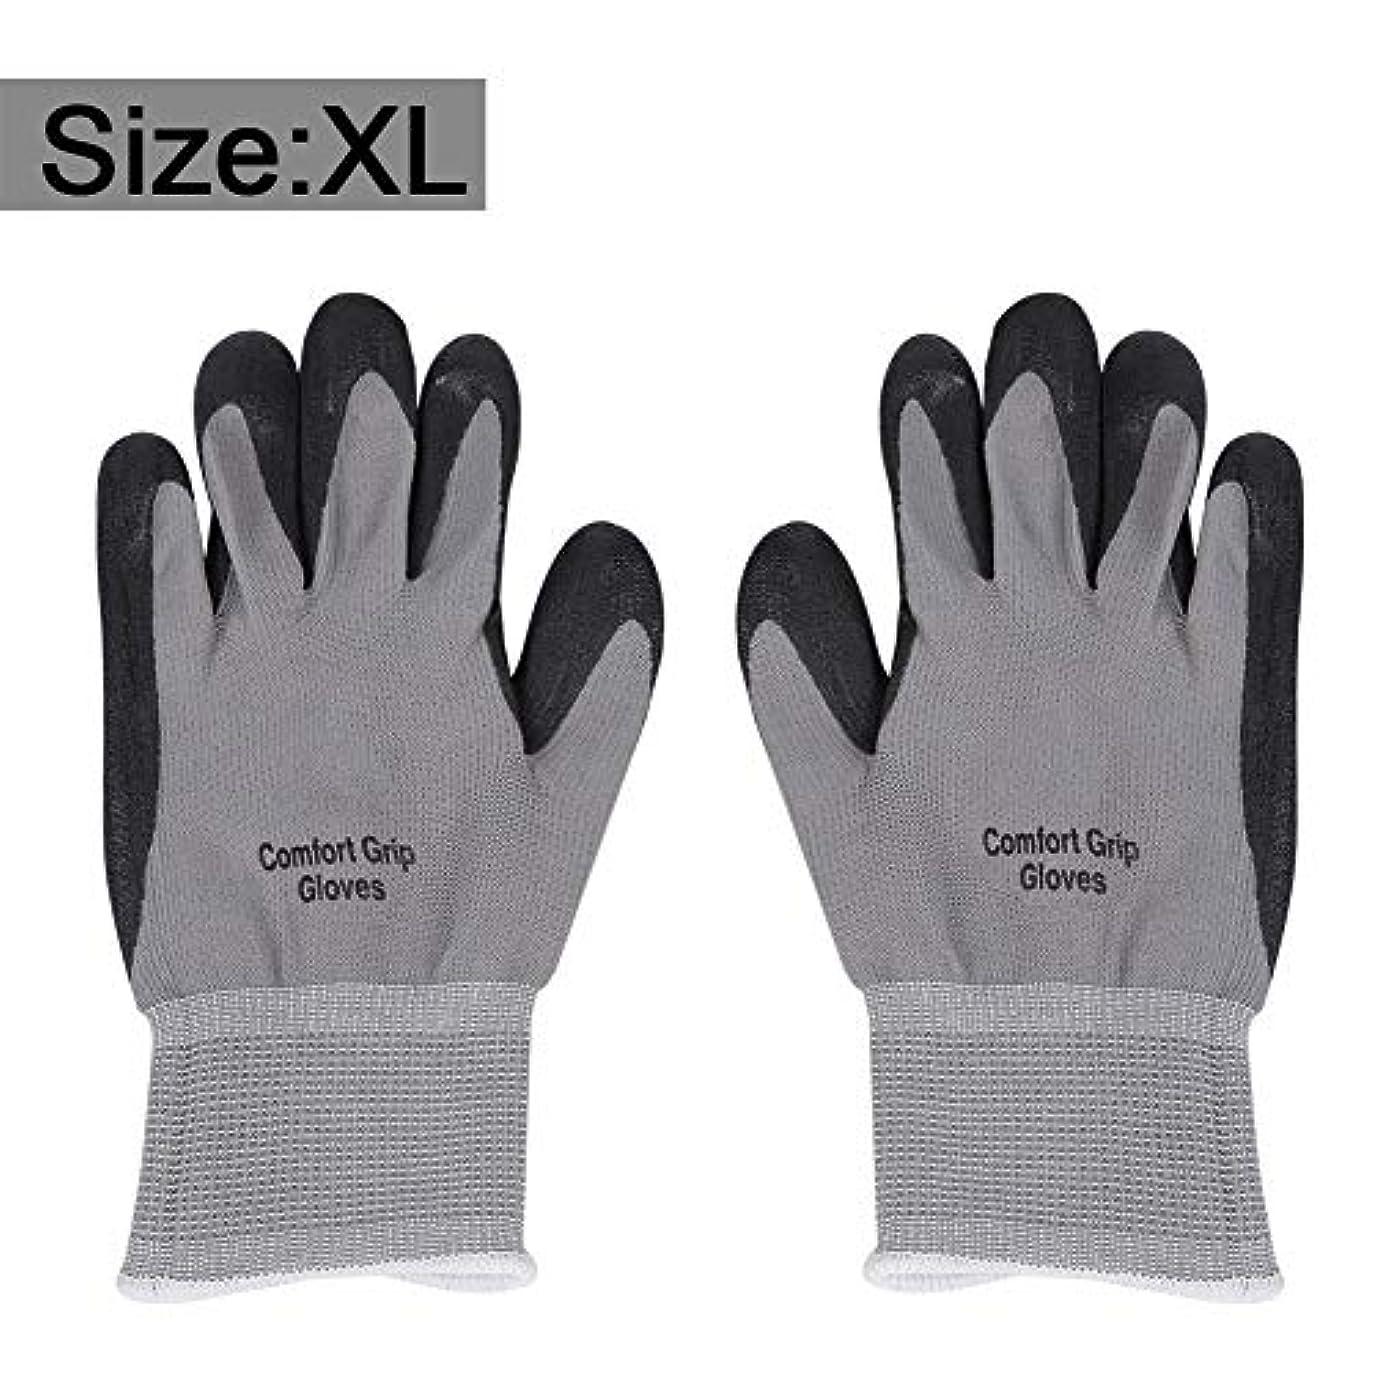 彼らは楕円形タイトウェアラブル通気性作業手袋、ニトリルゴム滑り止め労働保護手袋、利用可能な機械洗浄(XL), ニトリルゴム滑り止め労働保護手袋ウェアラブル通気性作業手袋Dule Large